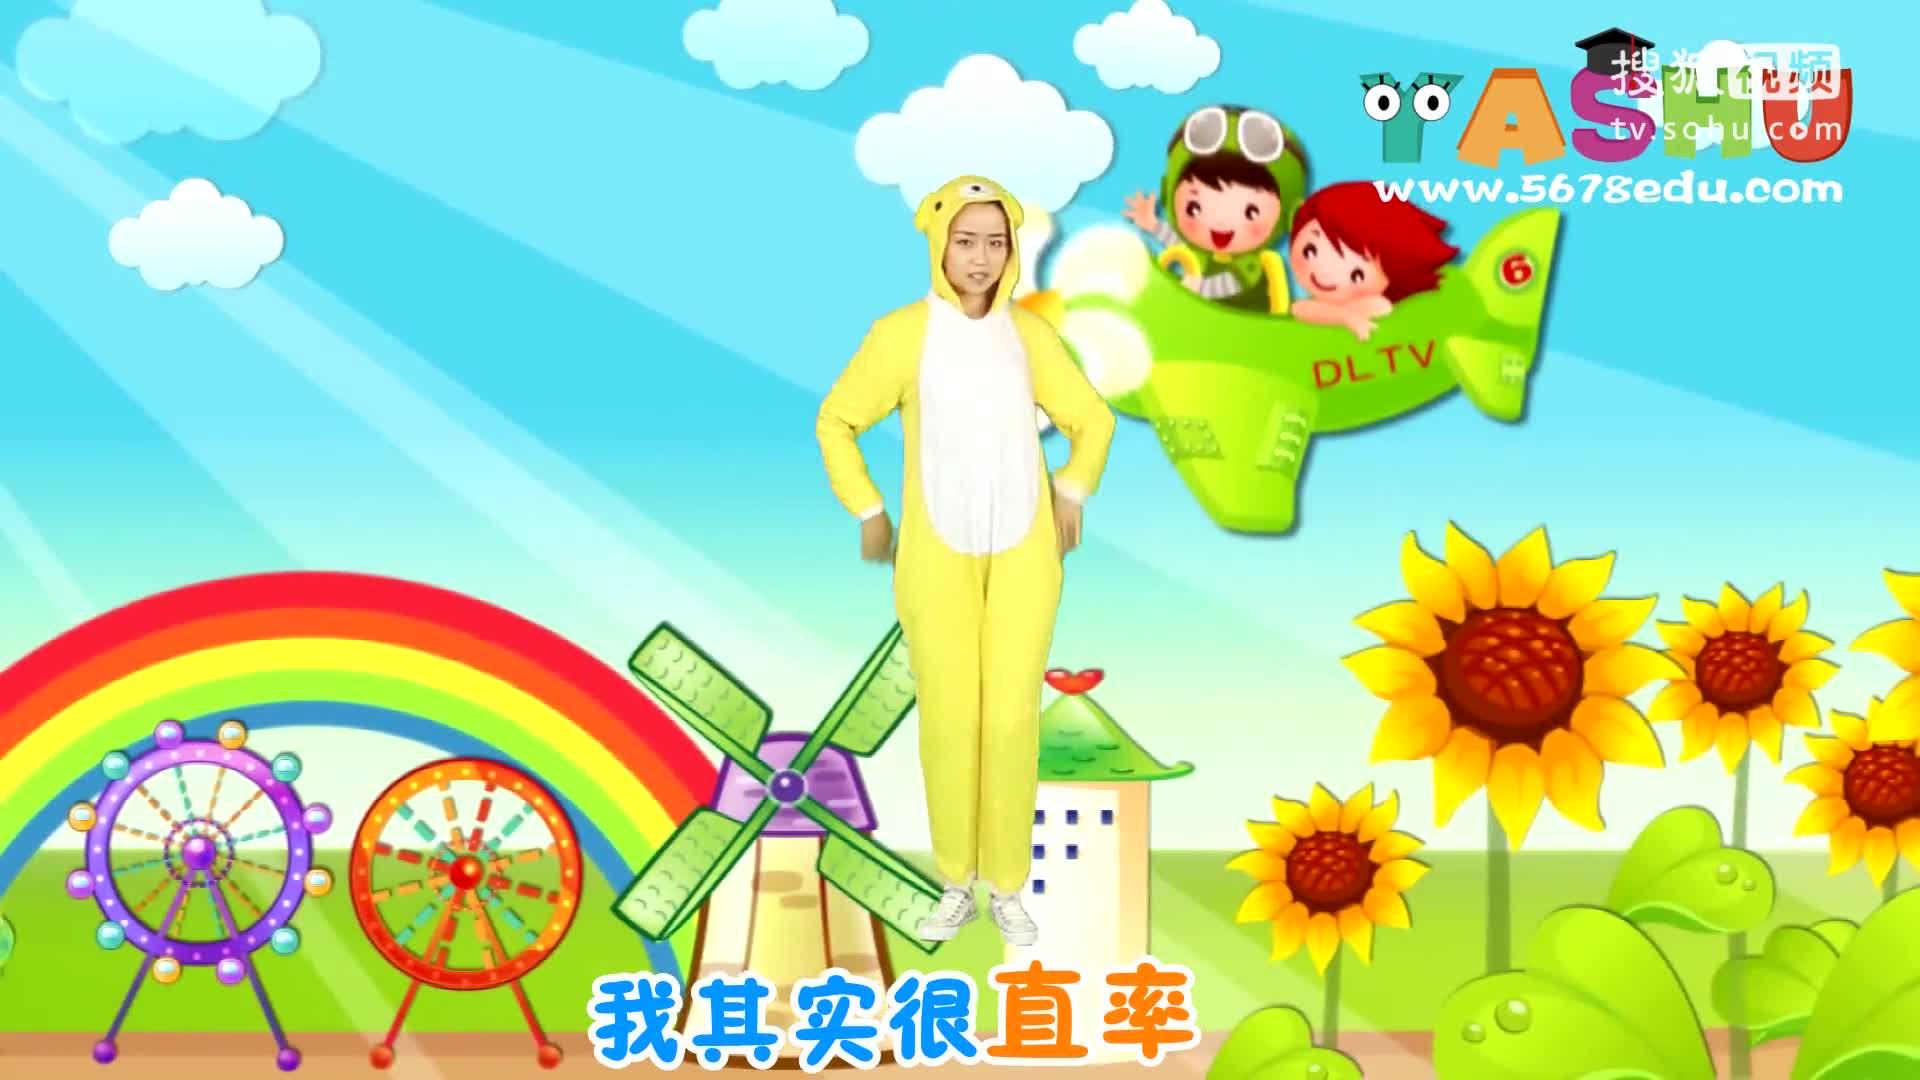 《点豆豆》原创视频 儿童舞蹈 幼儿舞蹈 少儿歌曲 教育视频 宝宝舞蹈